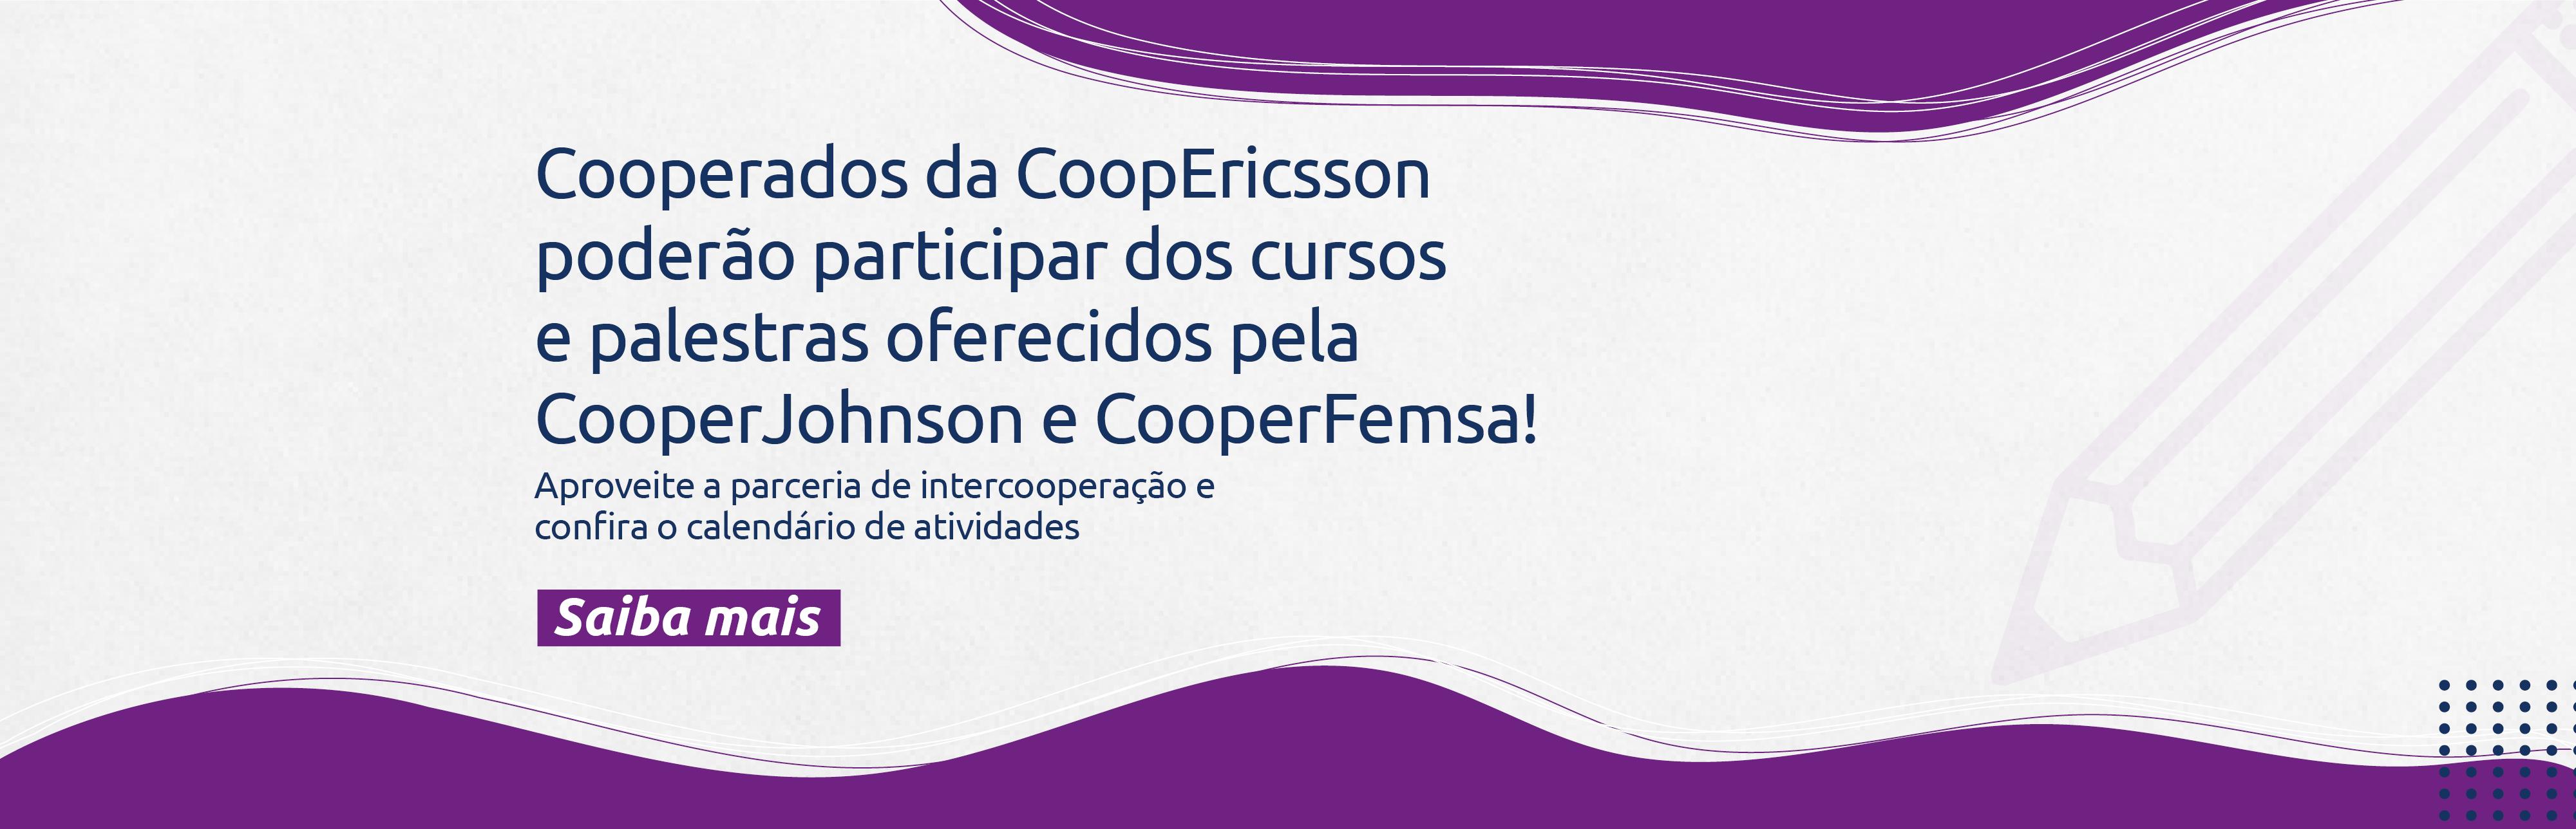 Cooperados da coopericsson